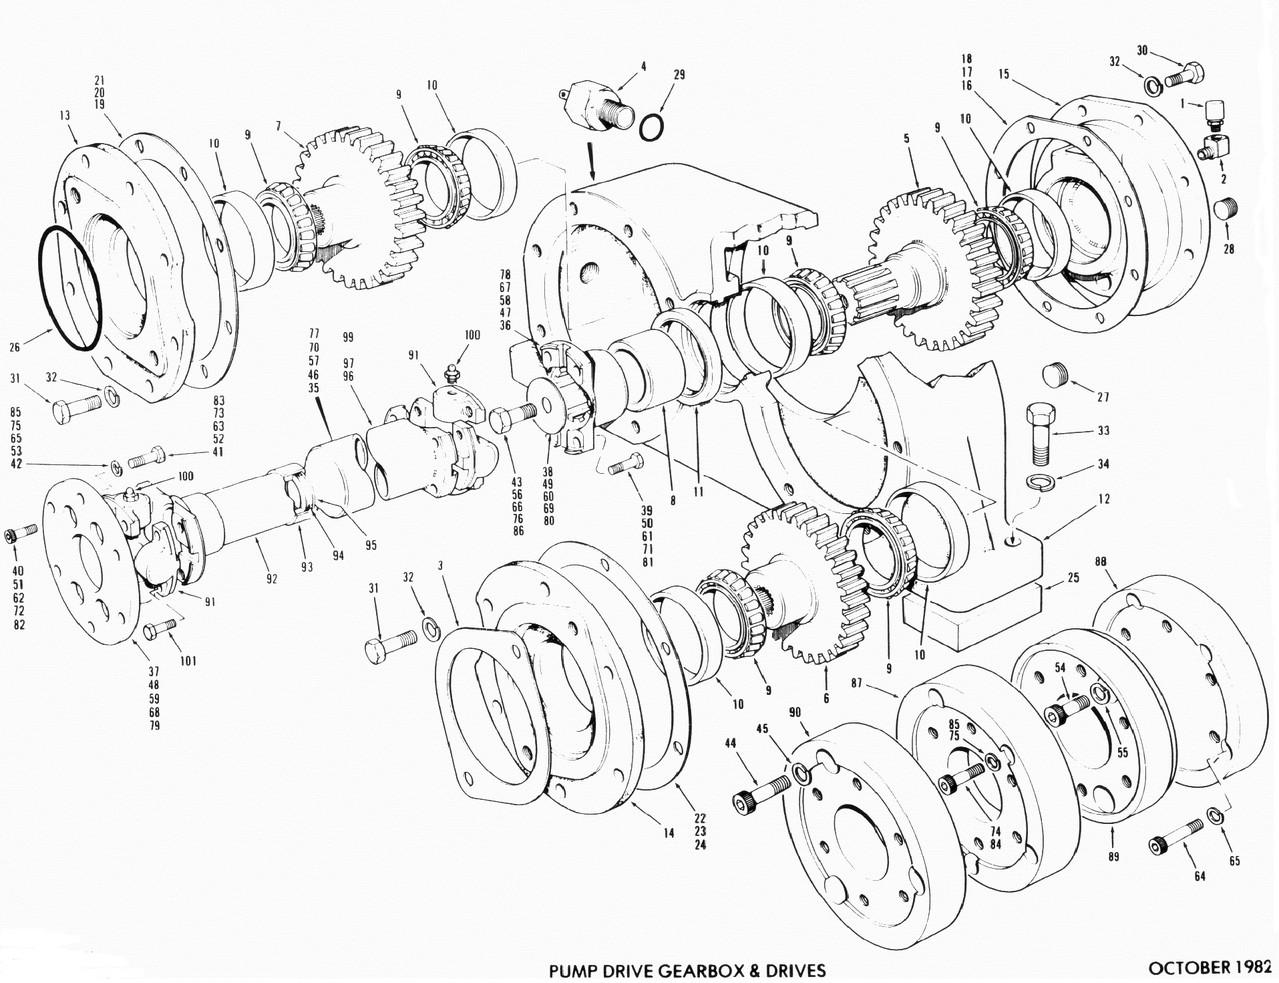 1279x983 Champion Road Machinery